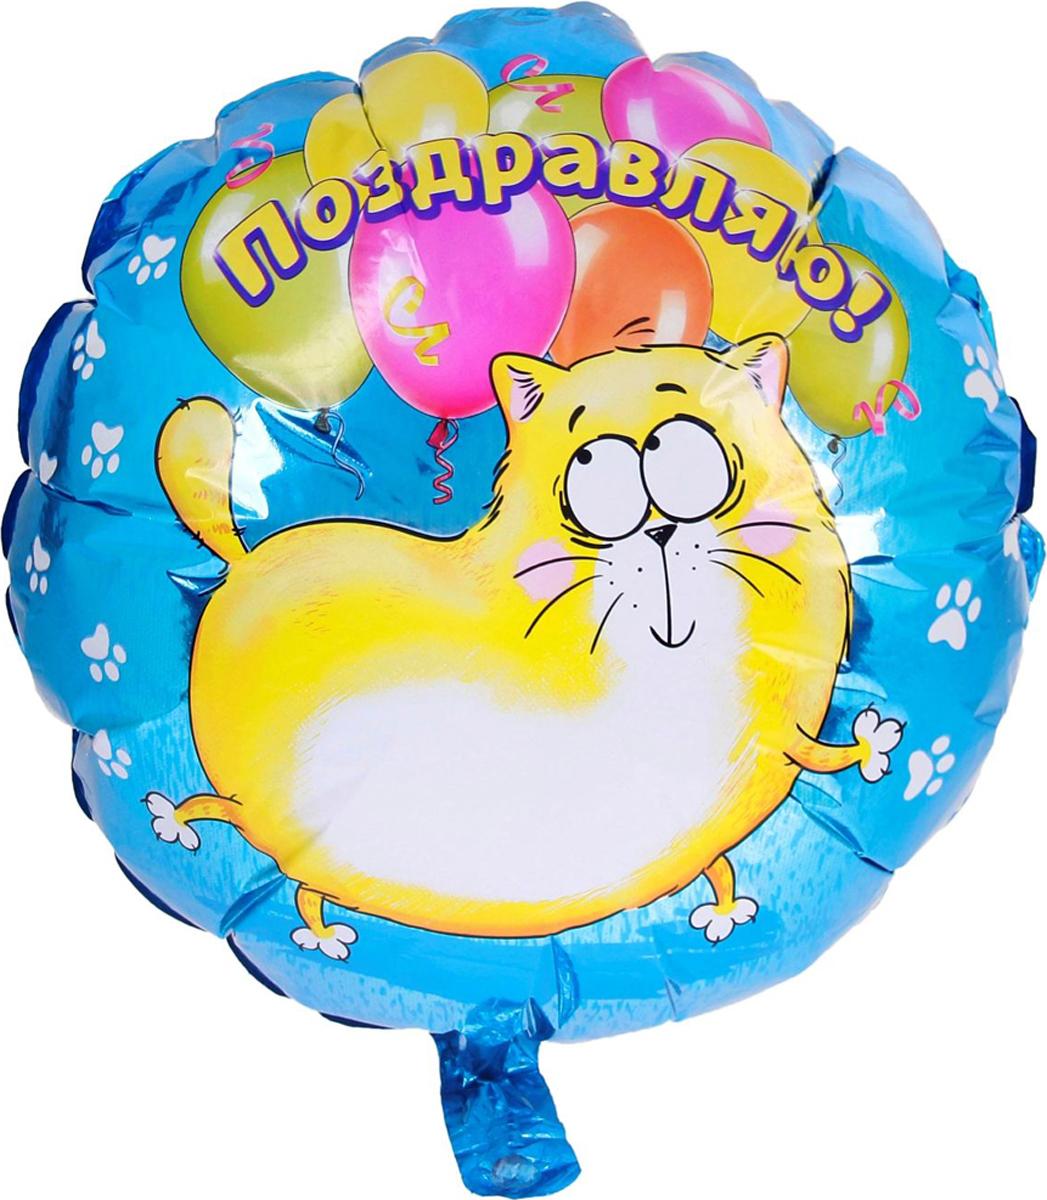 Страна Карнавалия Шар фольгированный Поздравляю Котэ Круг 18 дюймов 48260 страна карнавалия шар воздушный с днем рождения корона 5 шт